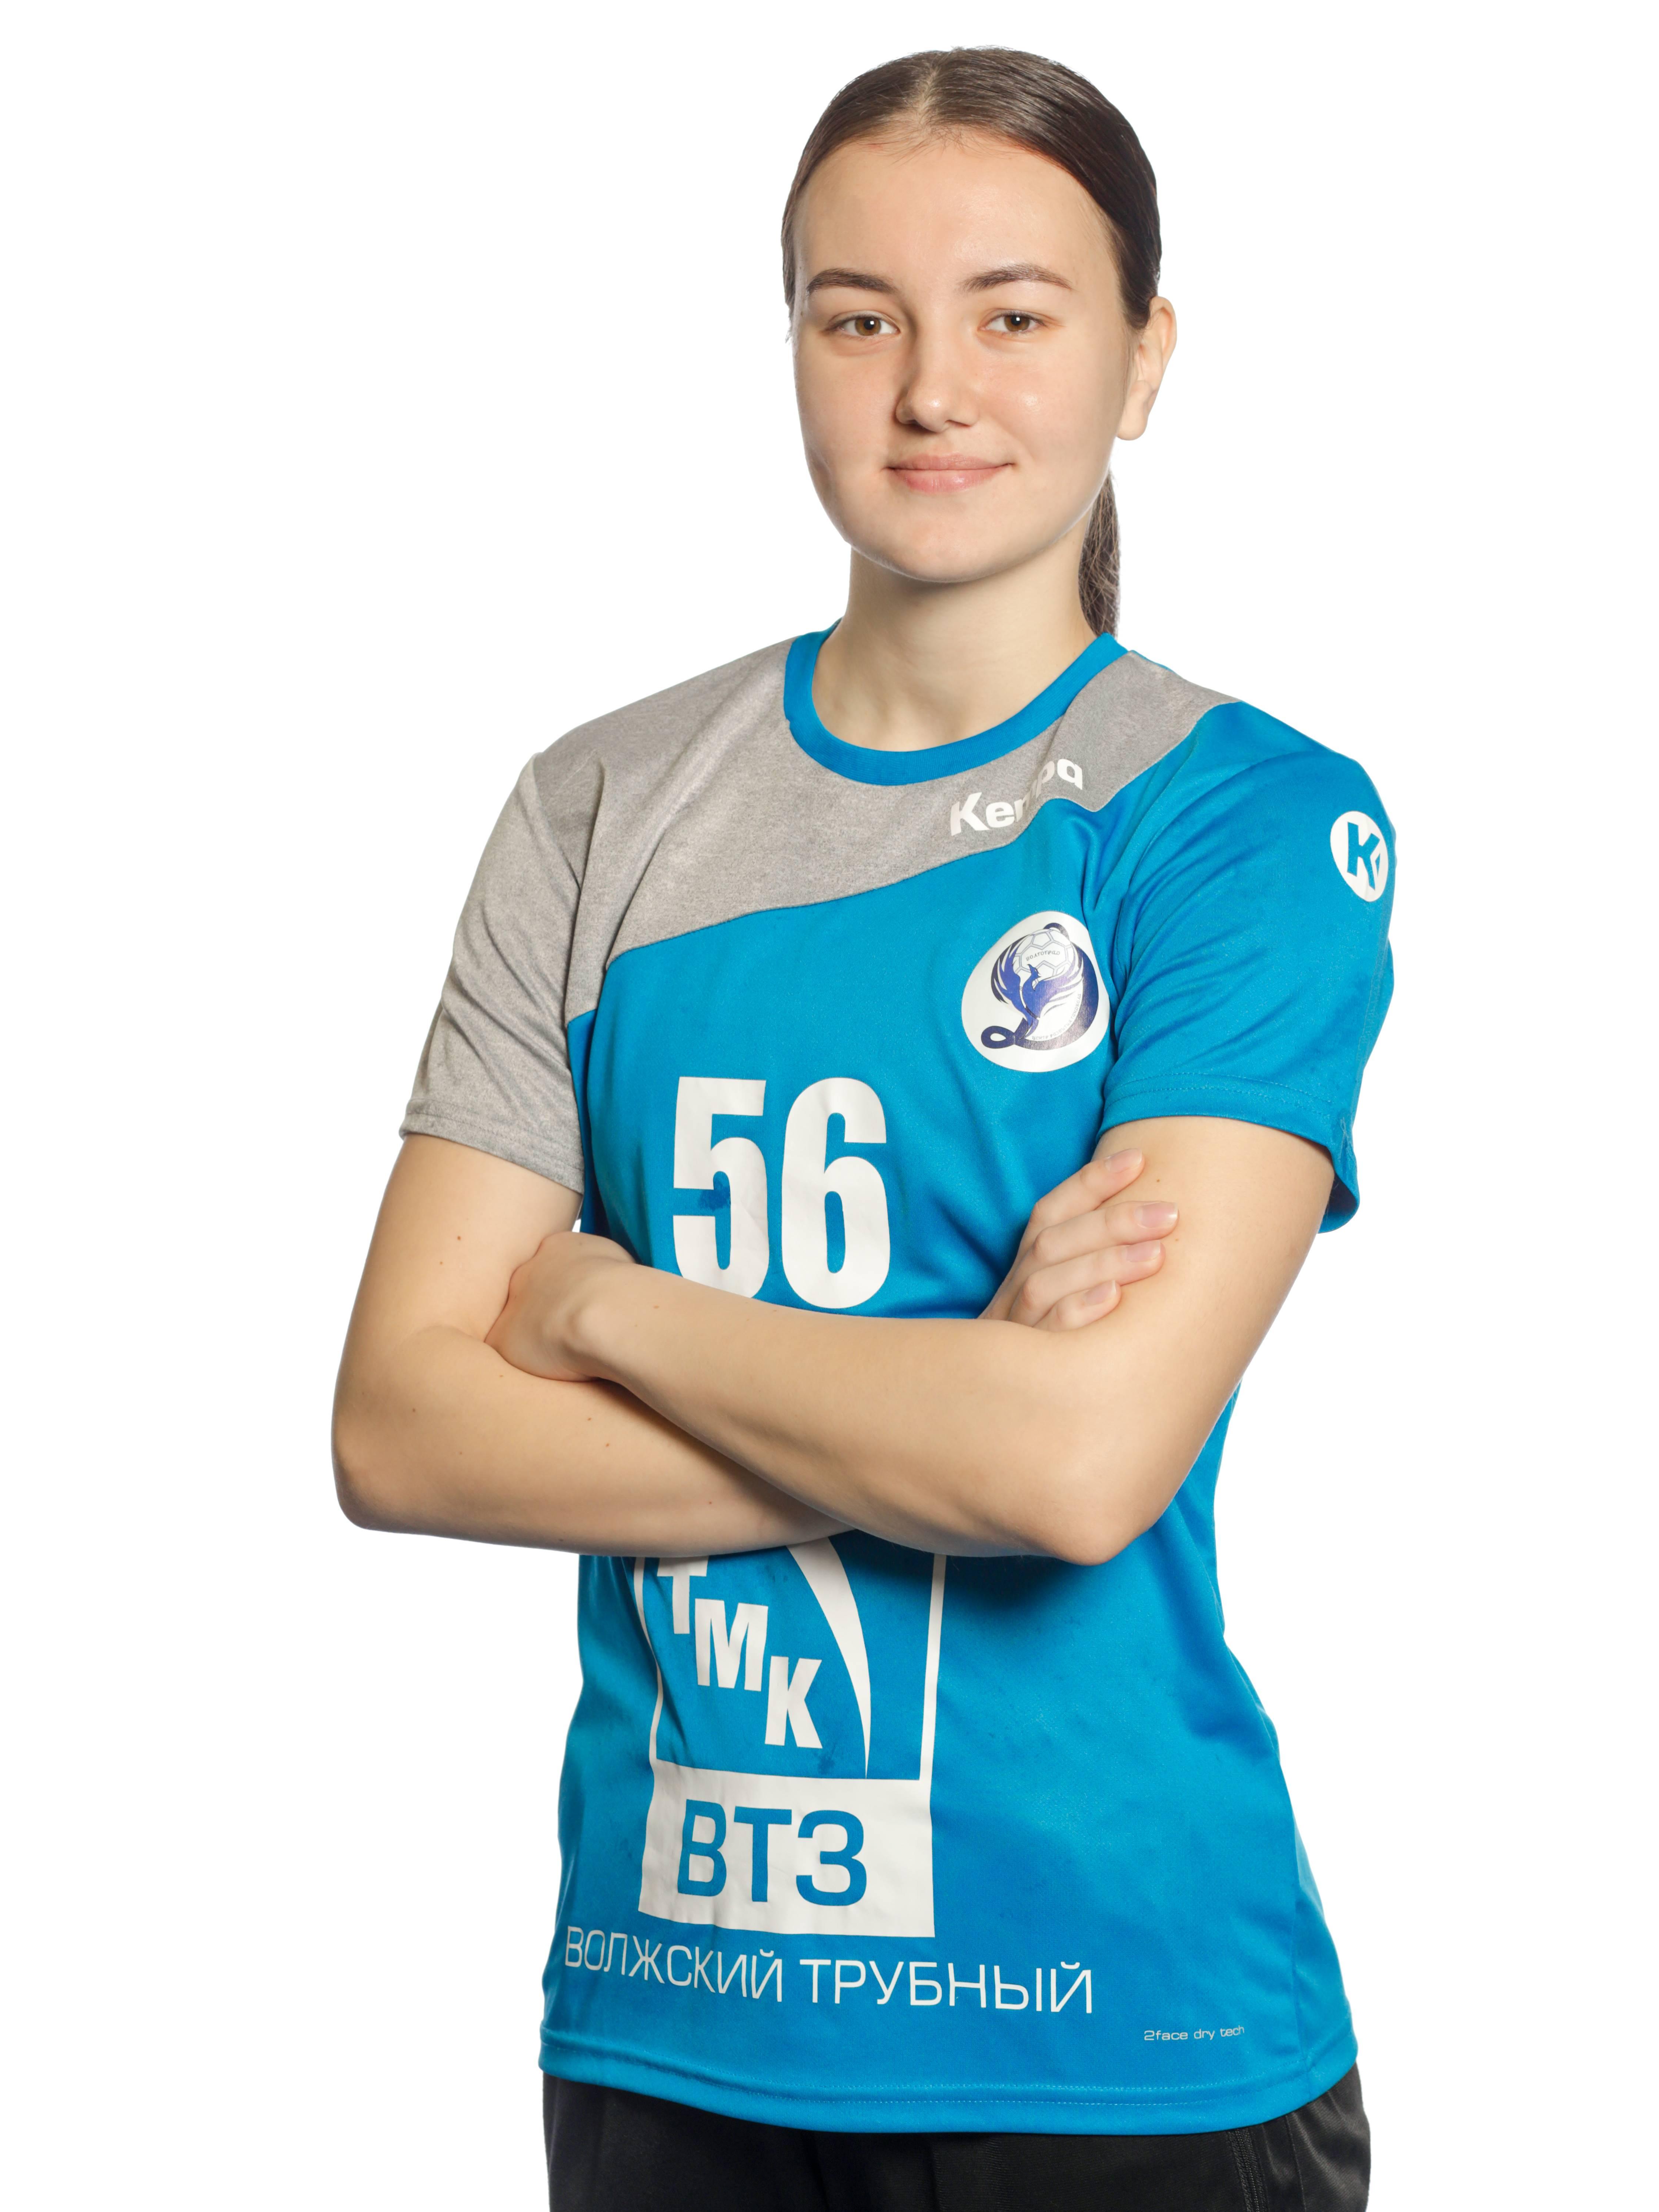 Скивко Екатерина Александовна